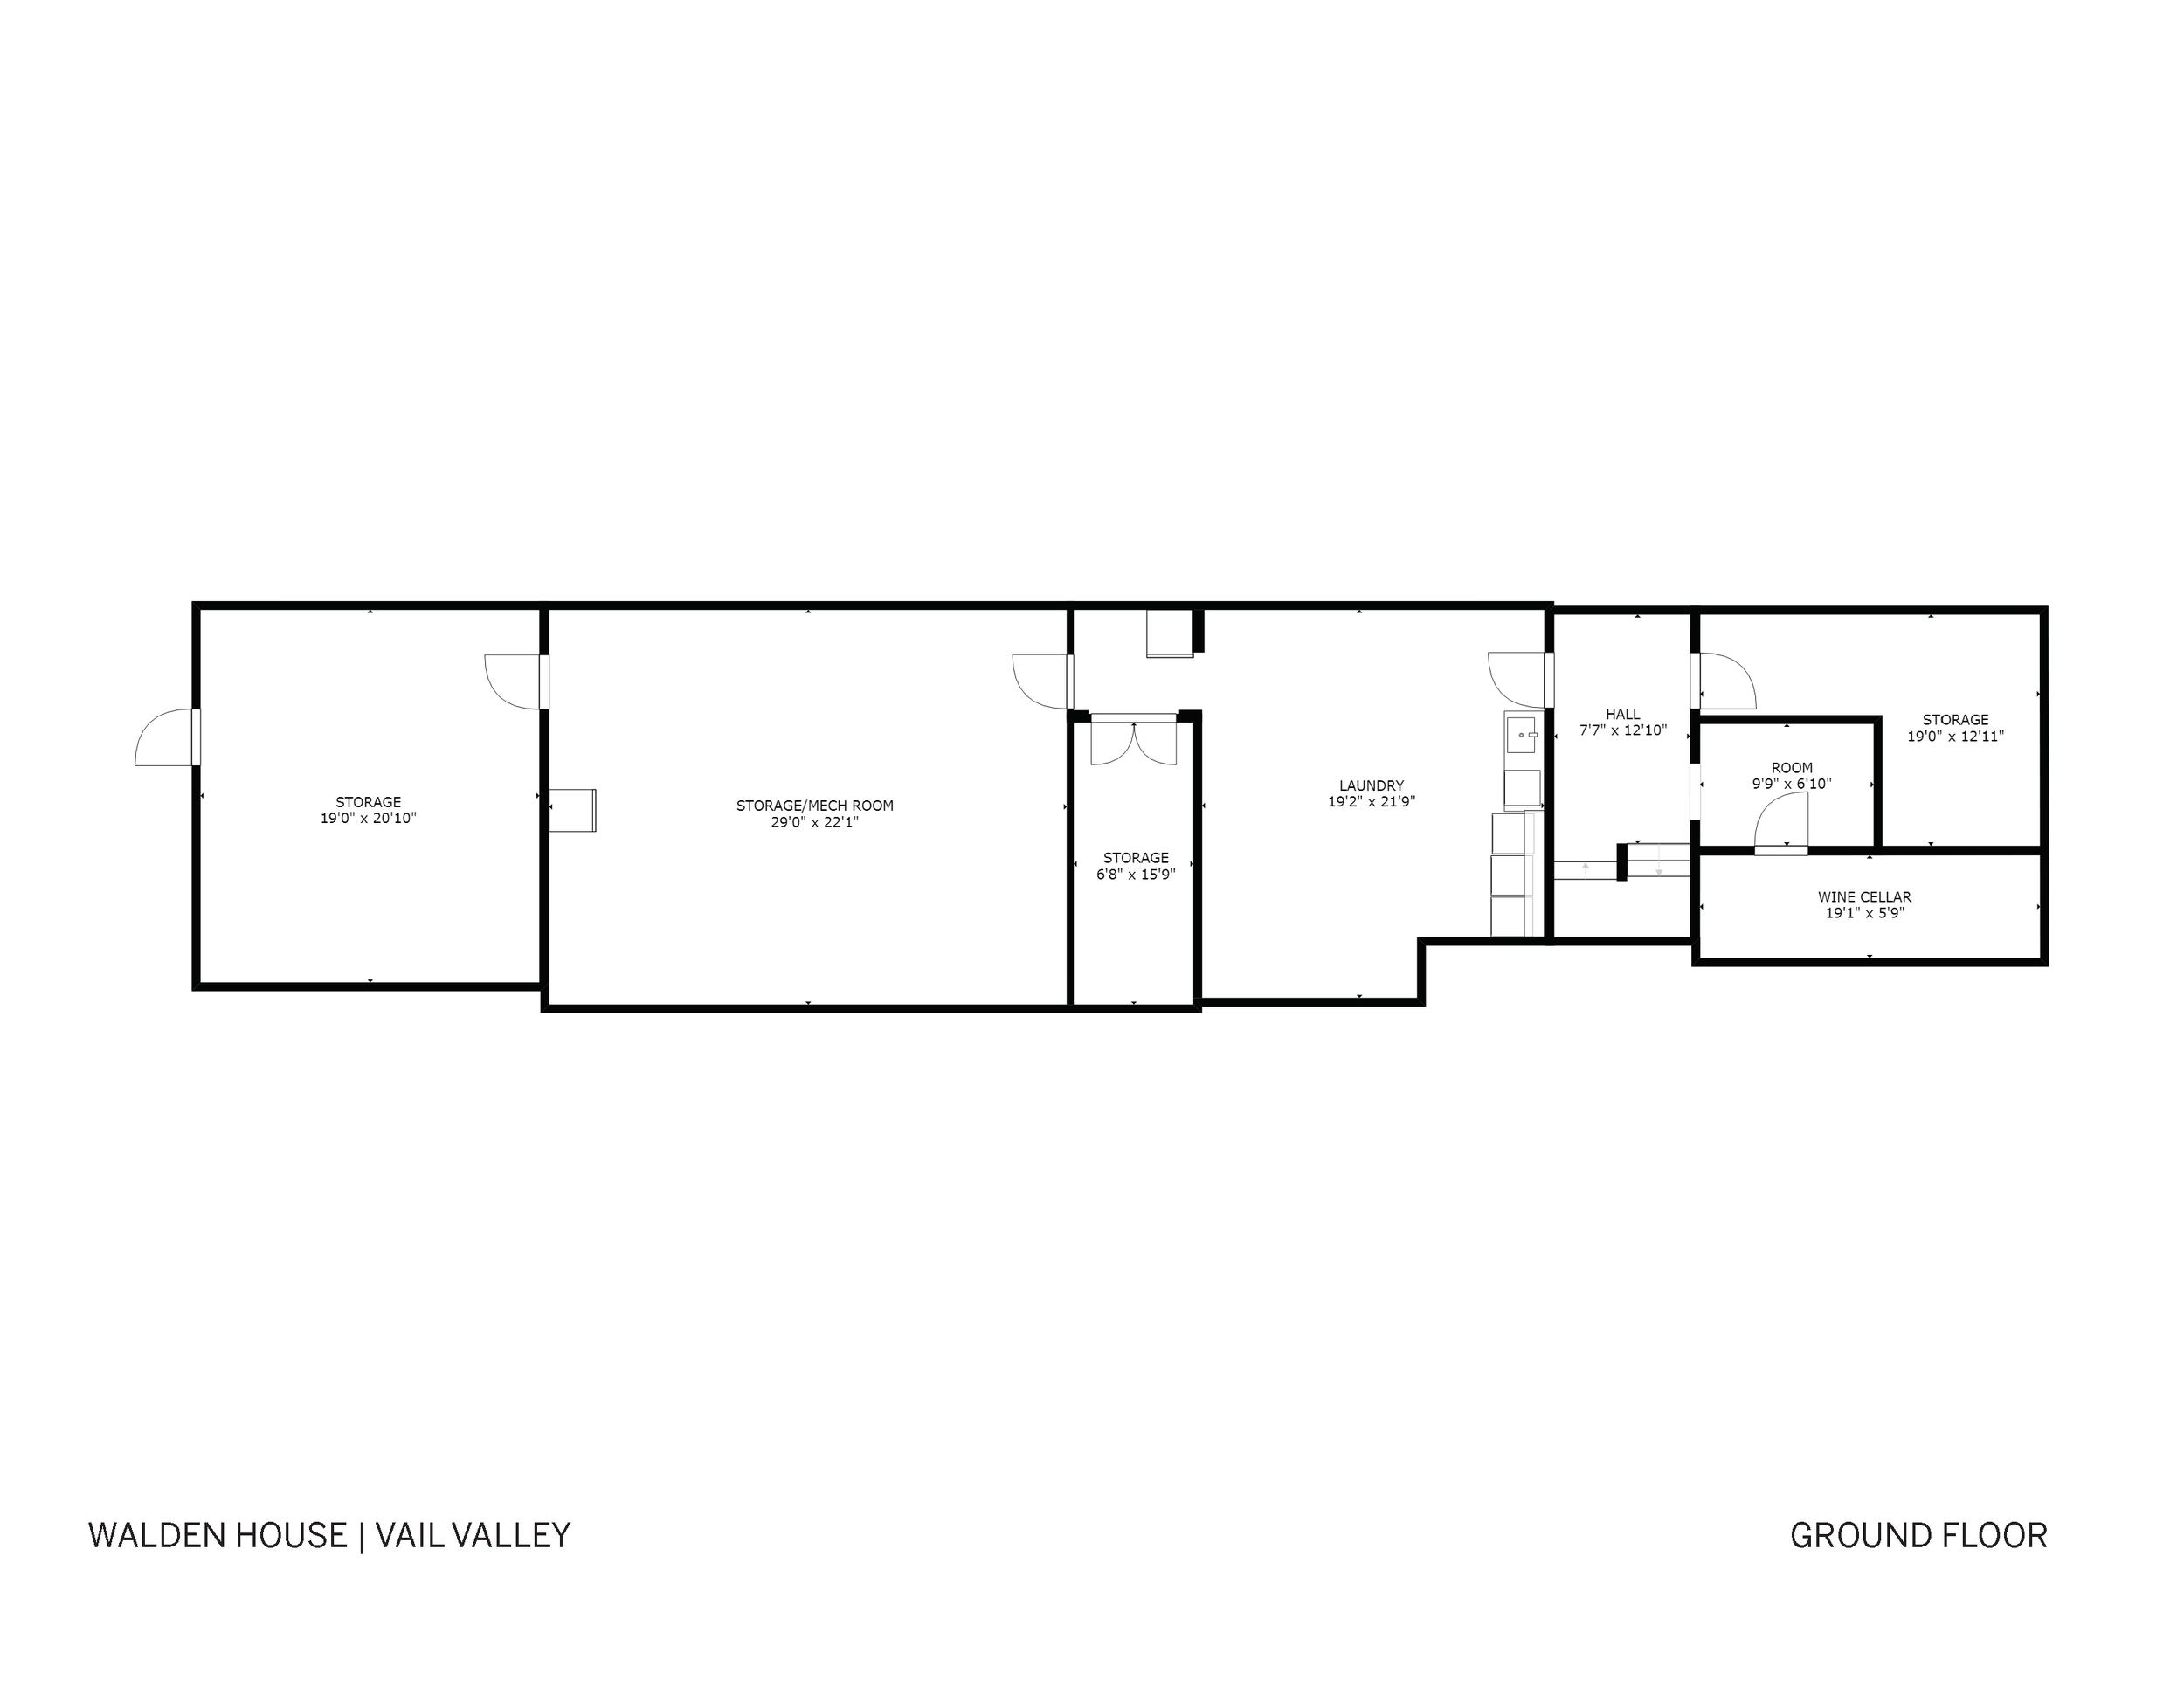 Floor Plans_Matterport - Walden_Page_1.png